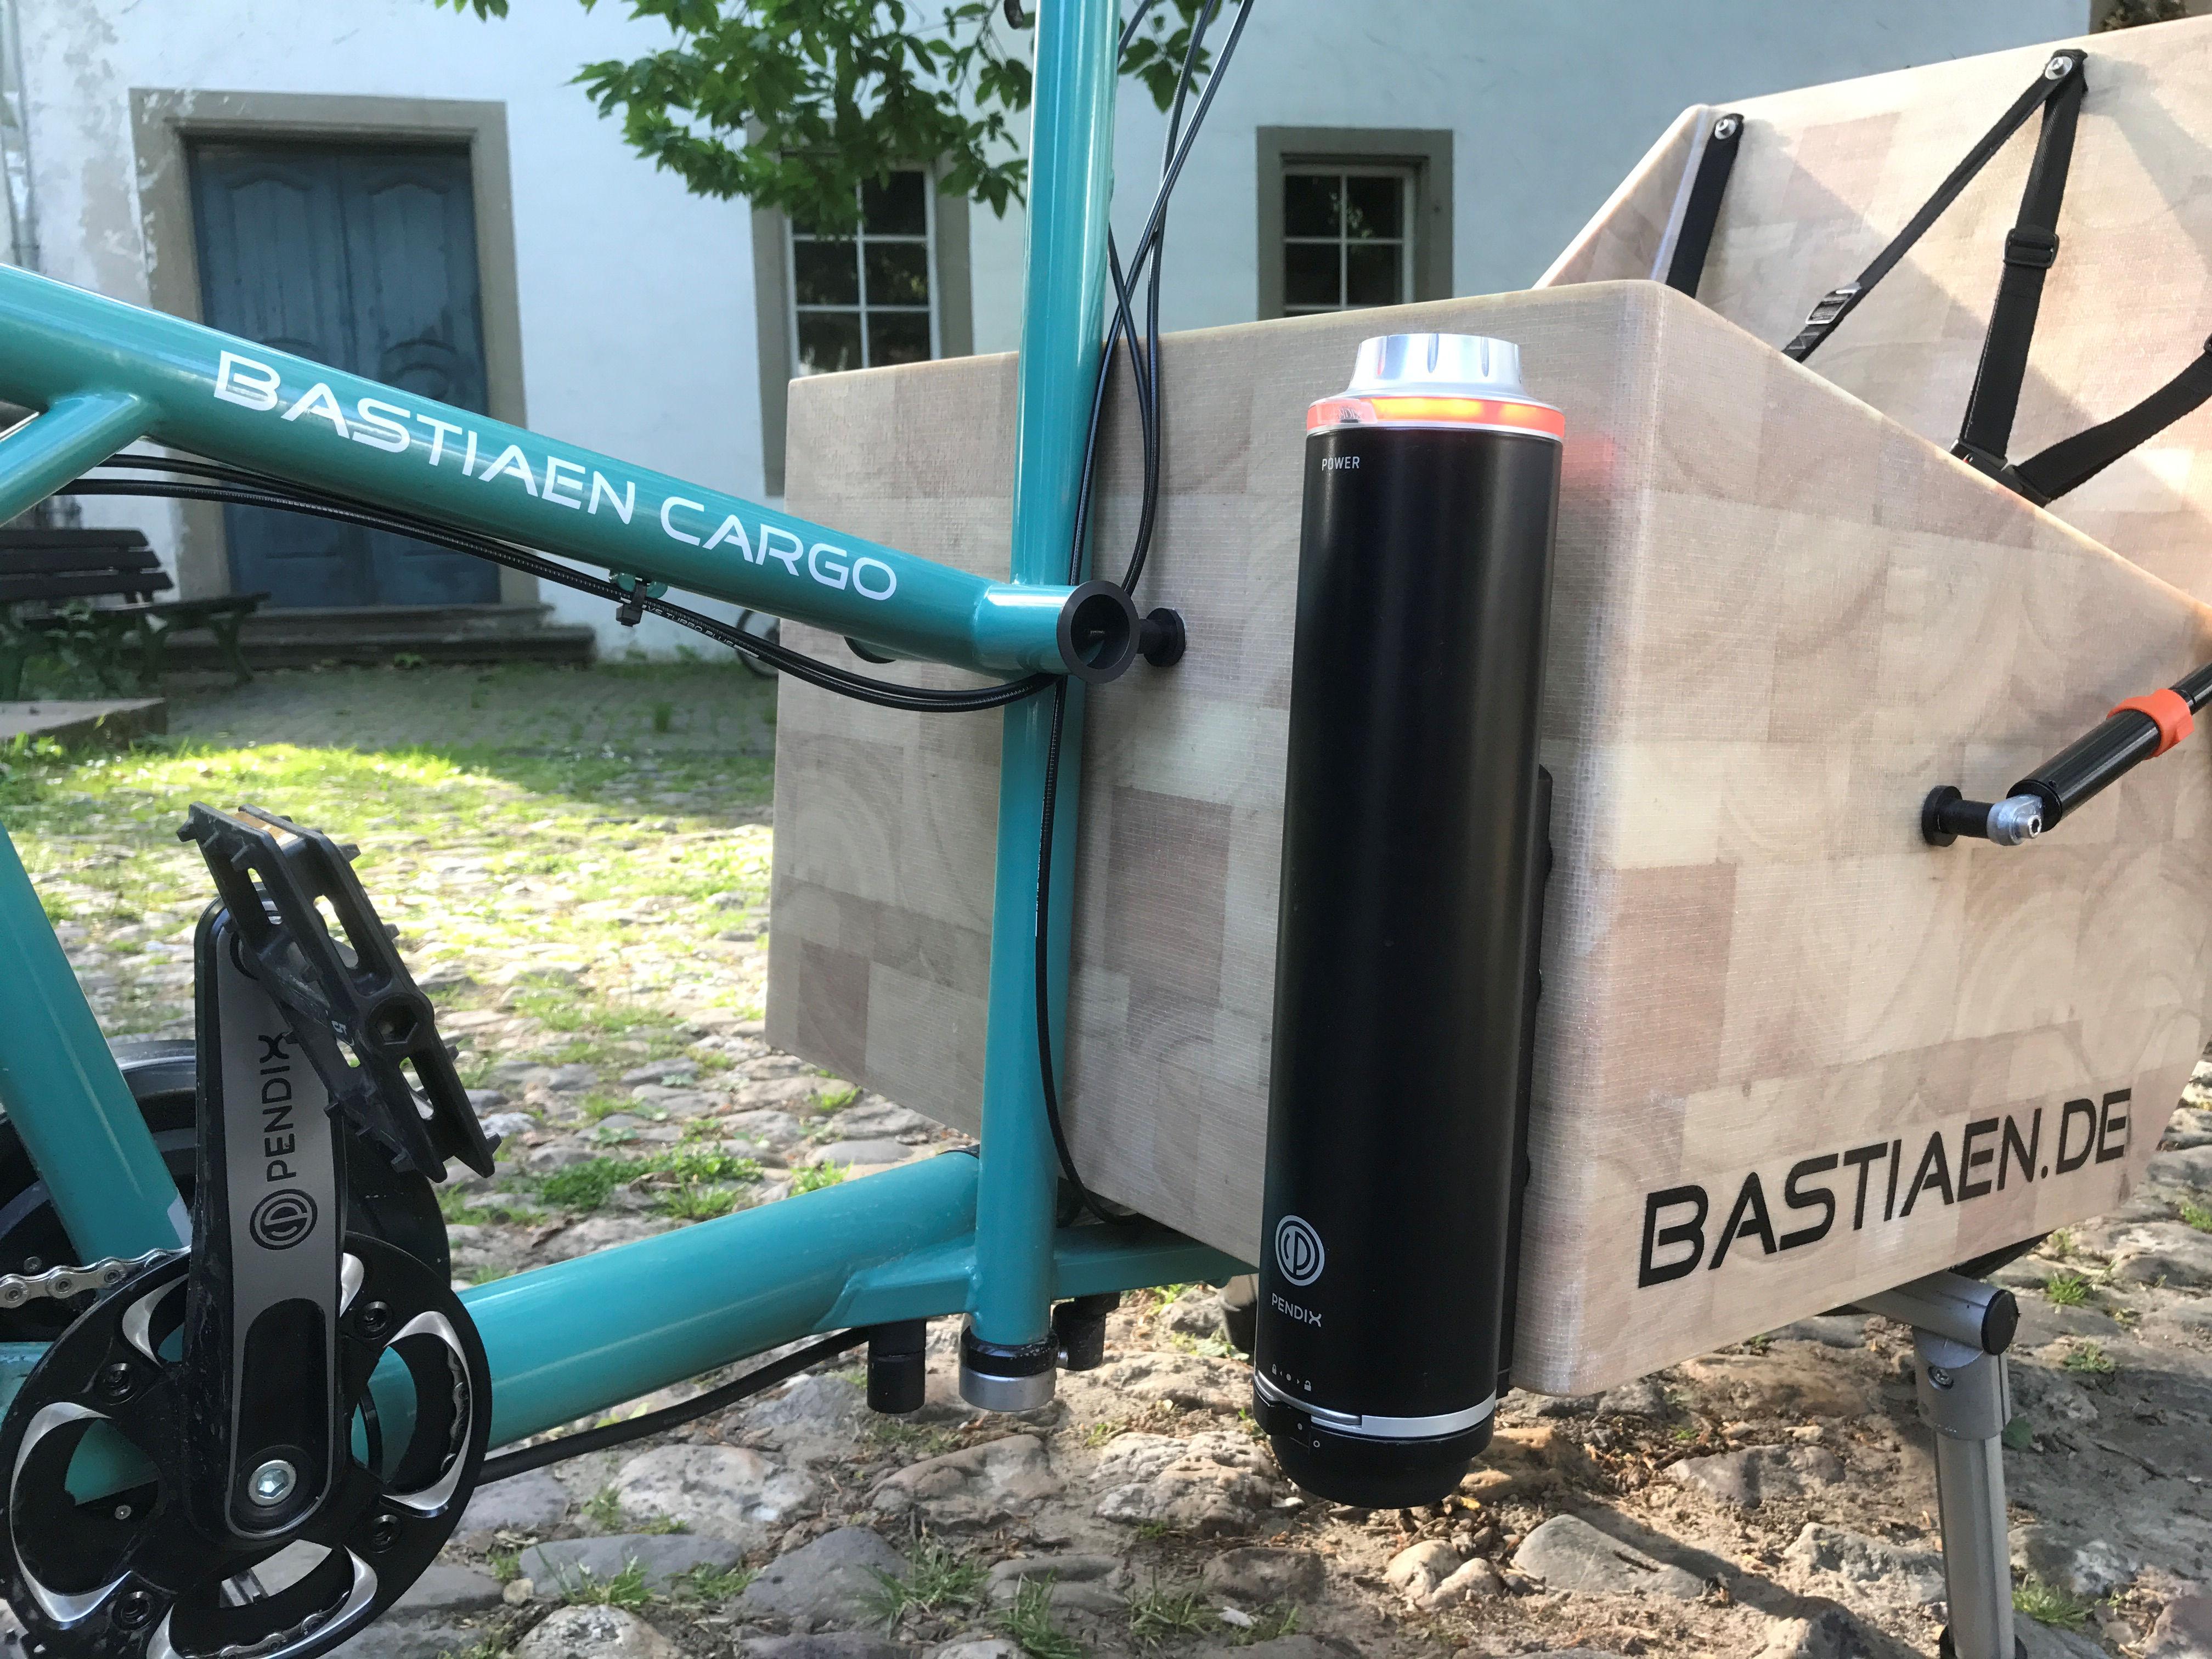 Bastiaen-Cargo-No-2-09.jpg